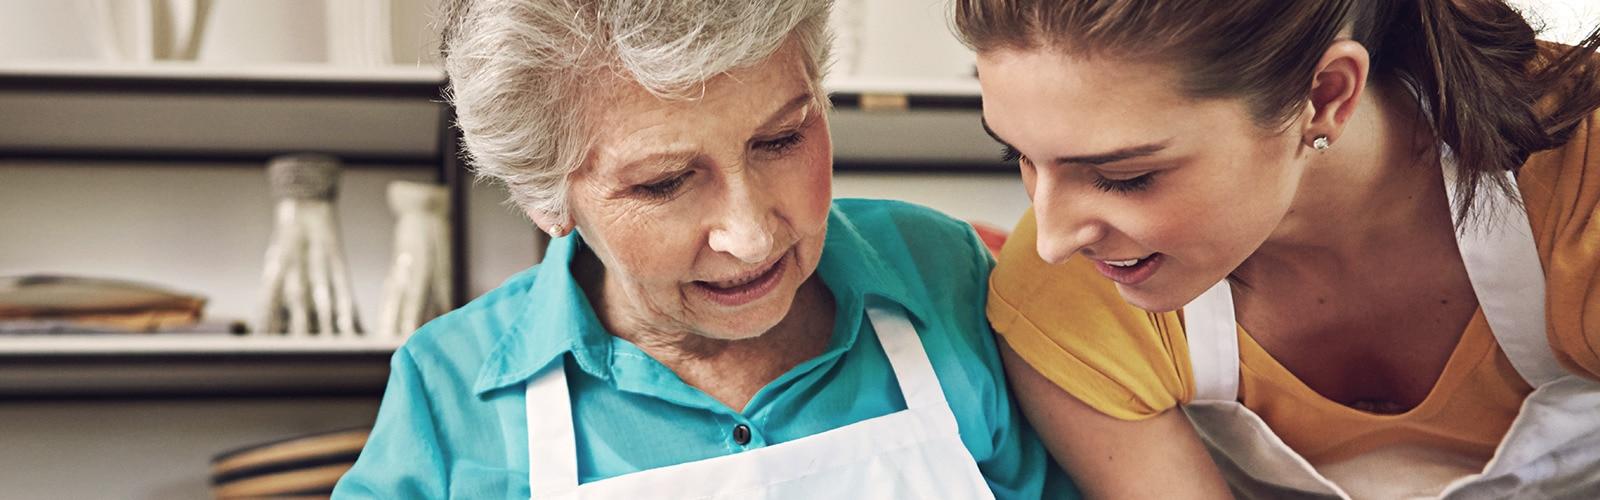 Žena v seniorskom veku pečie s mladšou ženou – odpovede na najčastejšie otázky o opatrovateľstve